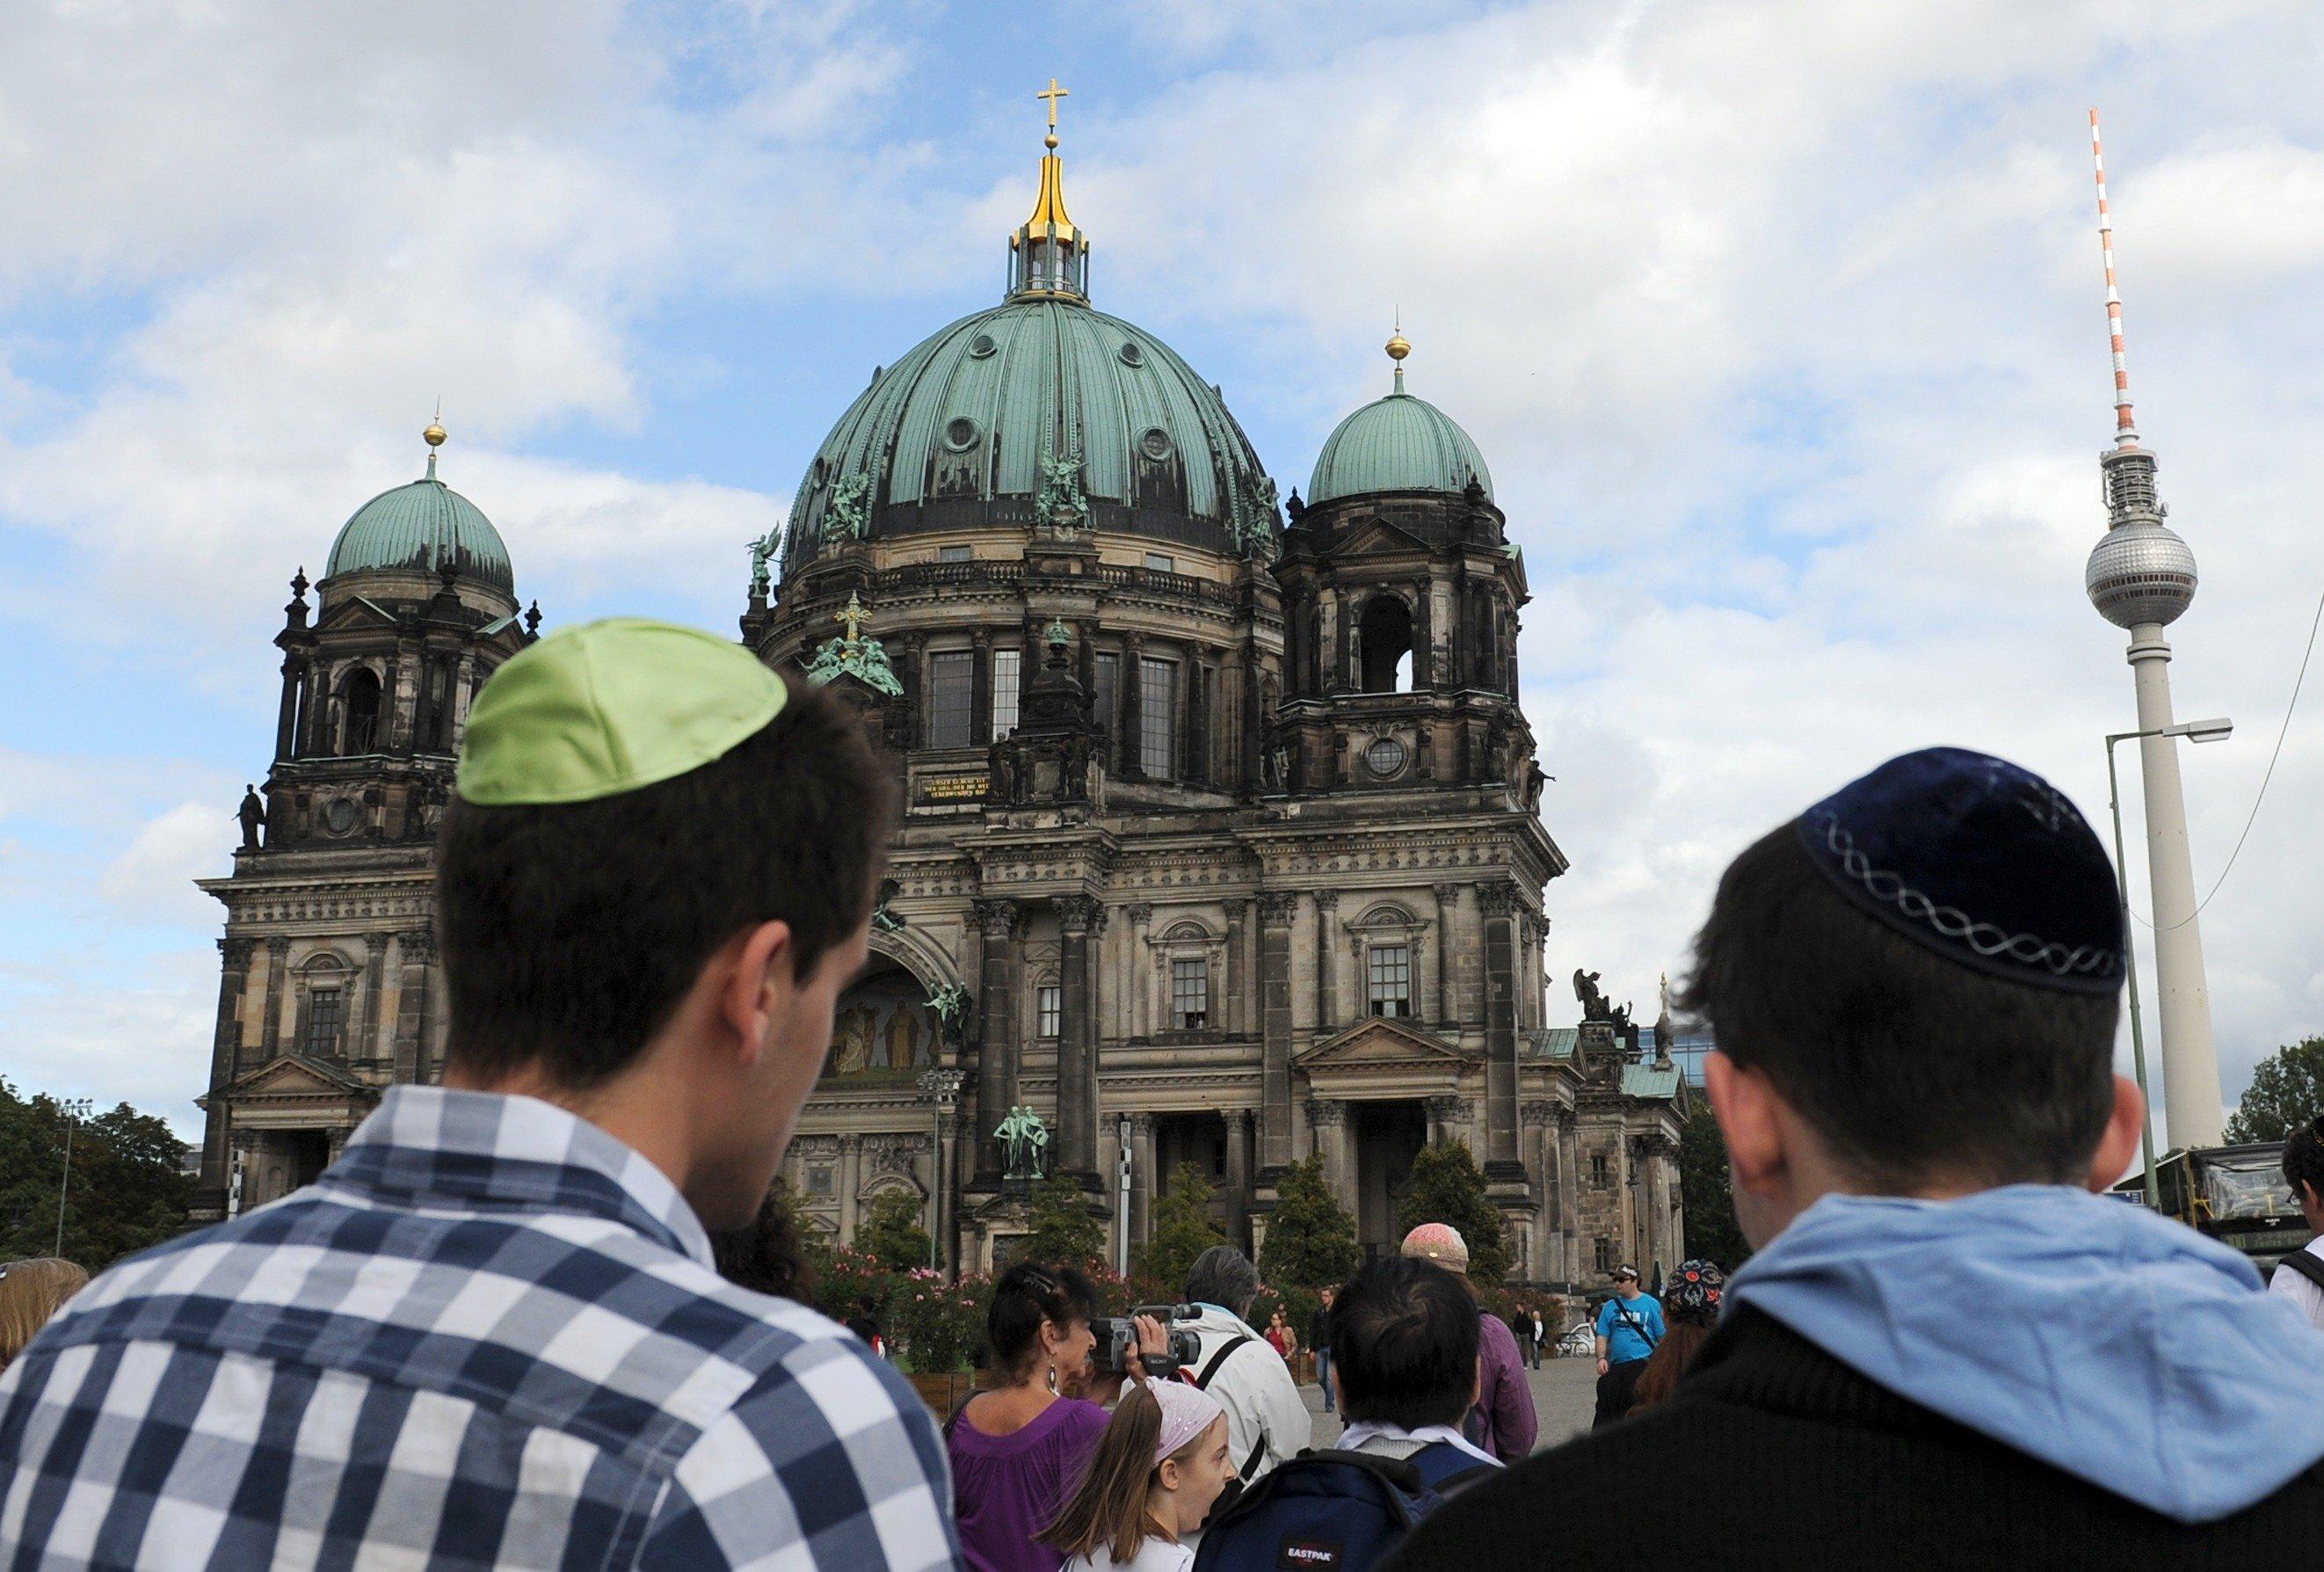 Židé s jarmulkami v Berlíně (ilustrační foto)